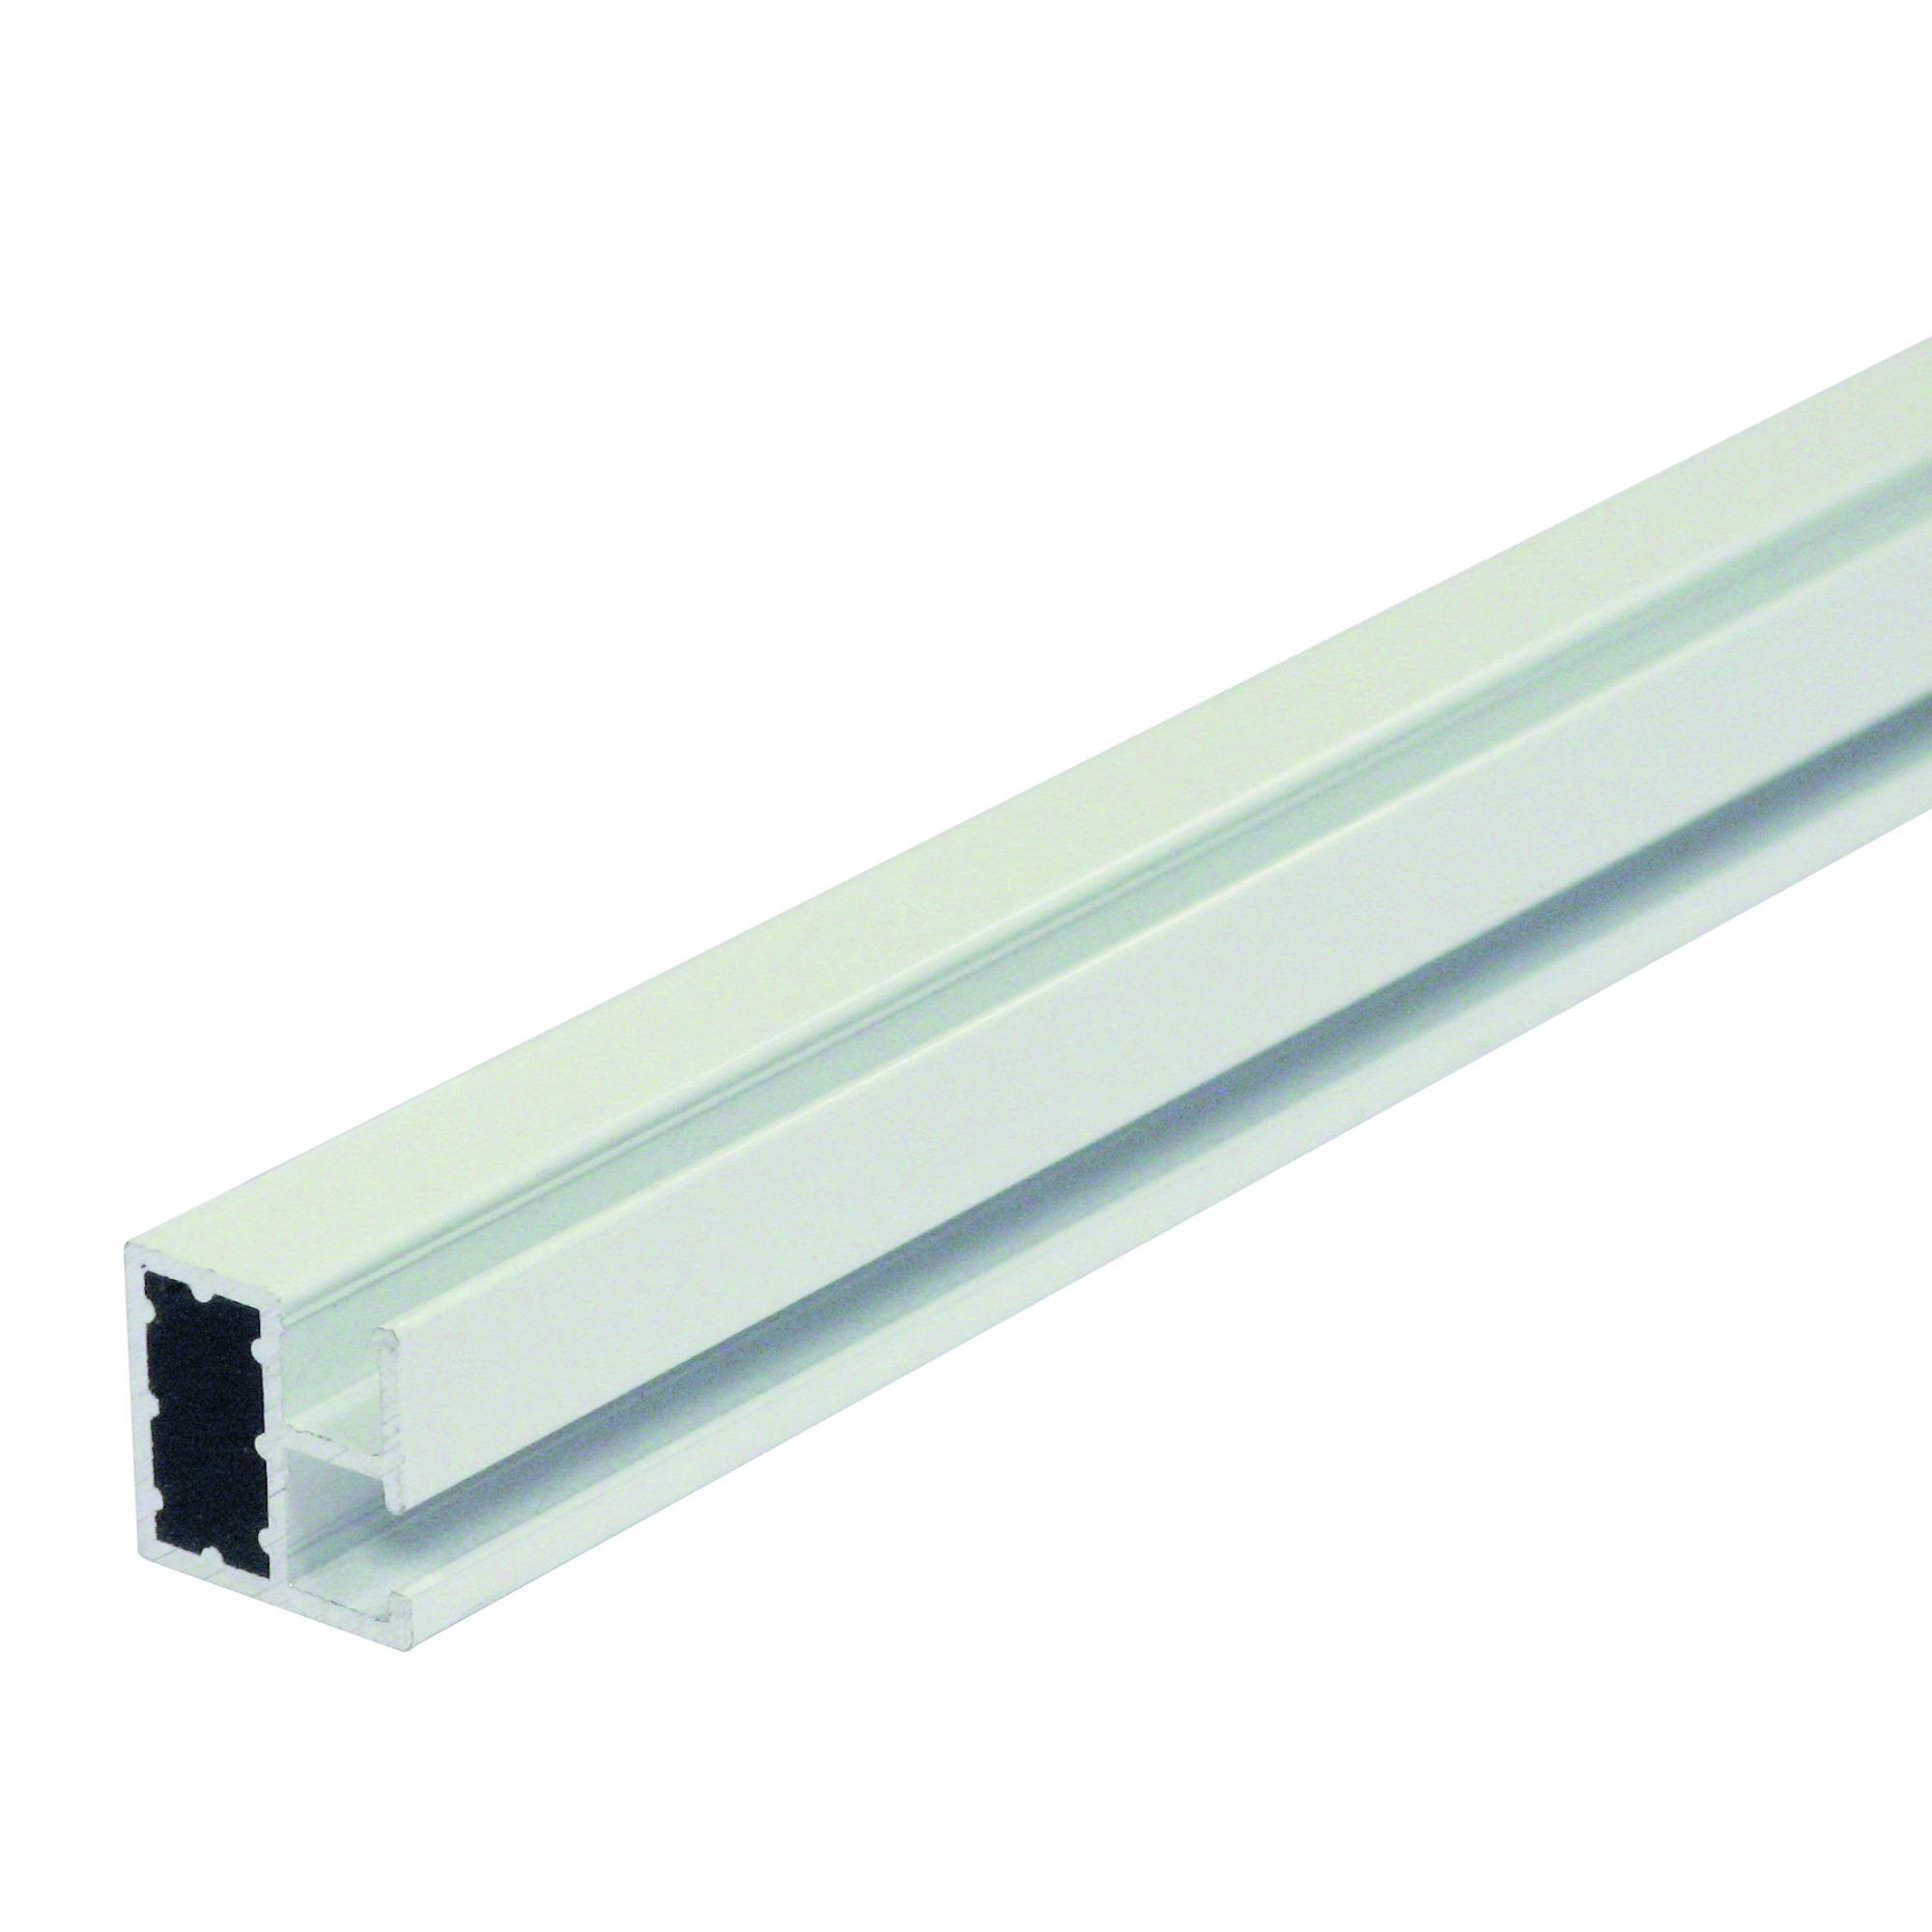 Profil moustiquaire fikszo 120 cm blanc moustiquaires for Gamma porte et fenetre